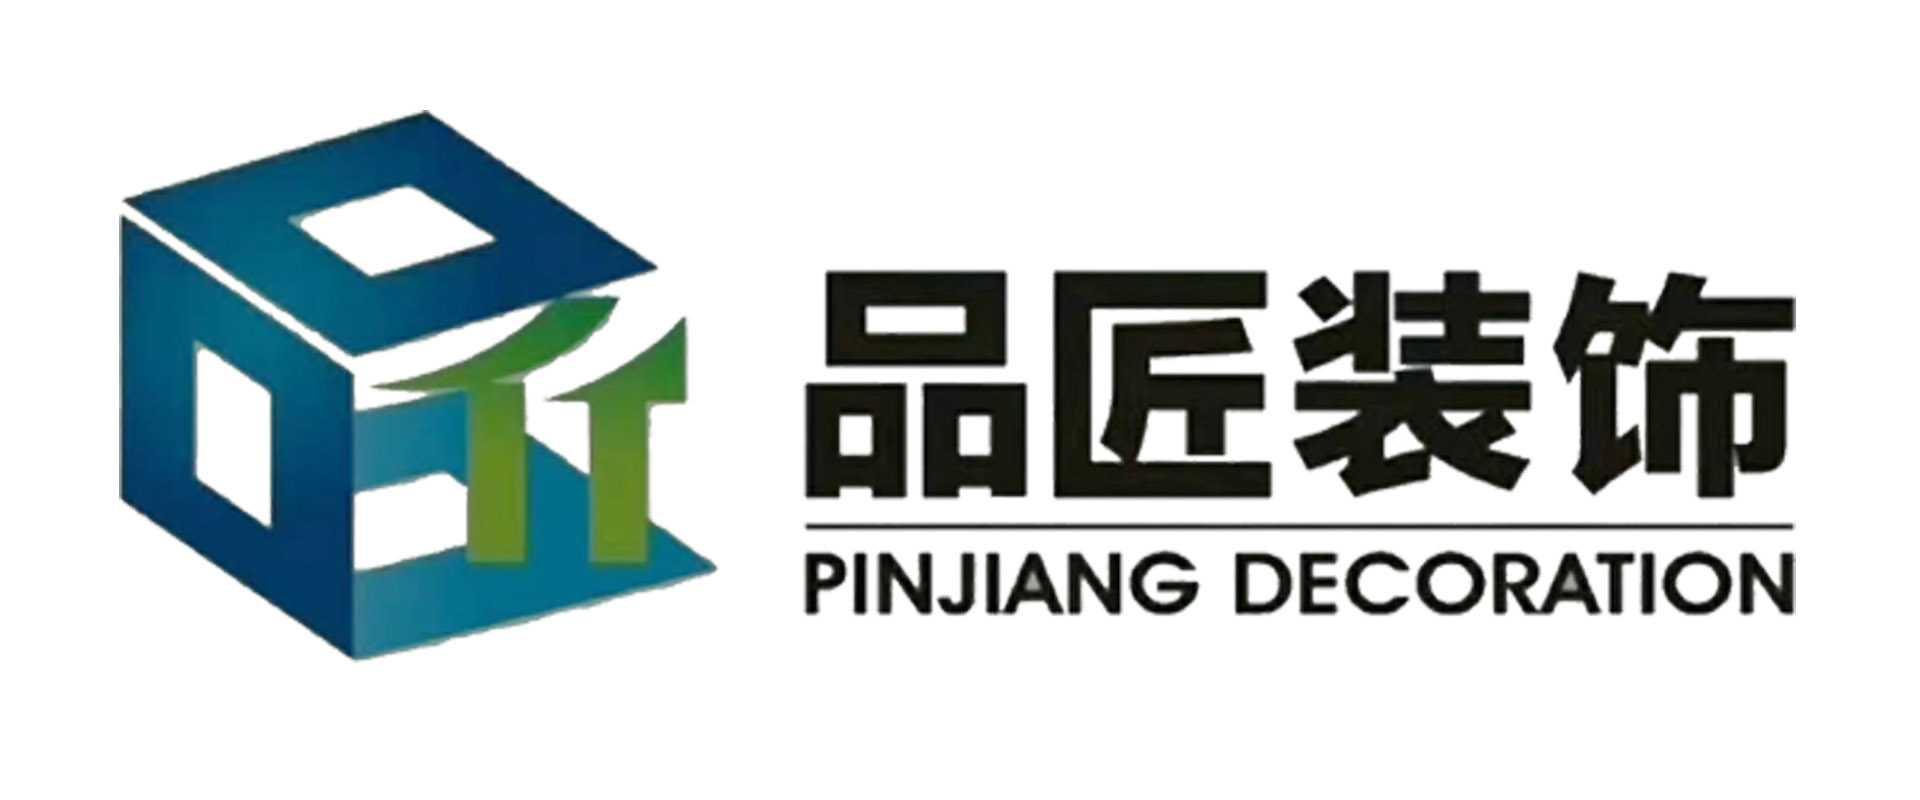 柳州品匠家居装饰工程有限公司信阳分公司